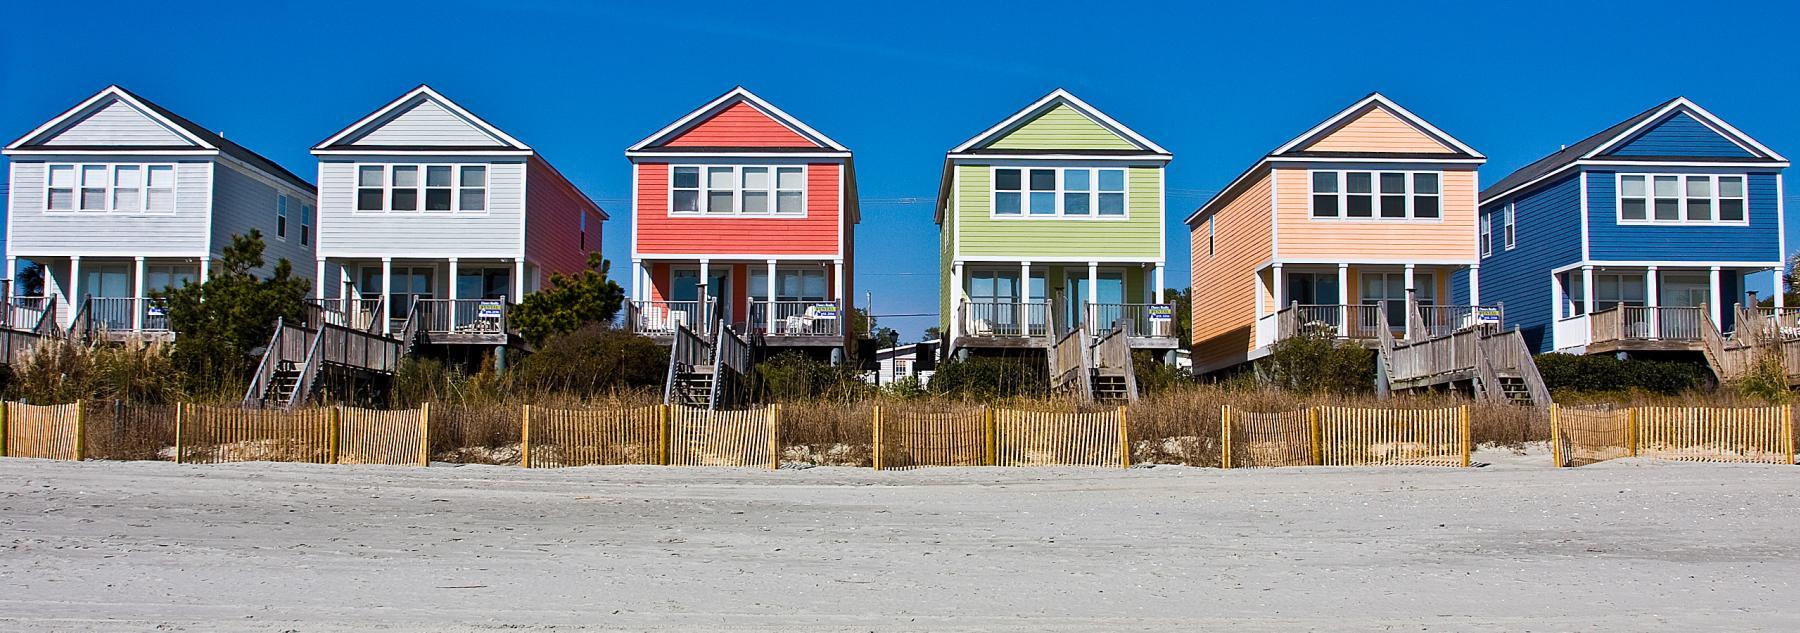 Garden City Myrtle Beach Surfside Vacation Rentals